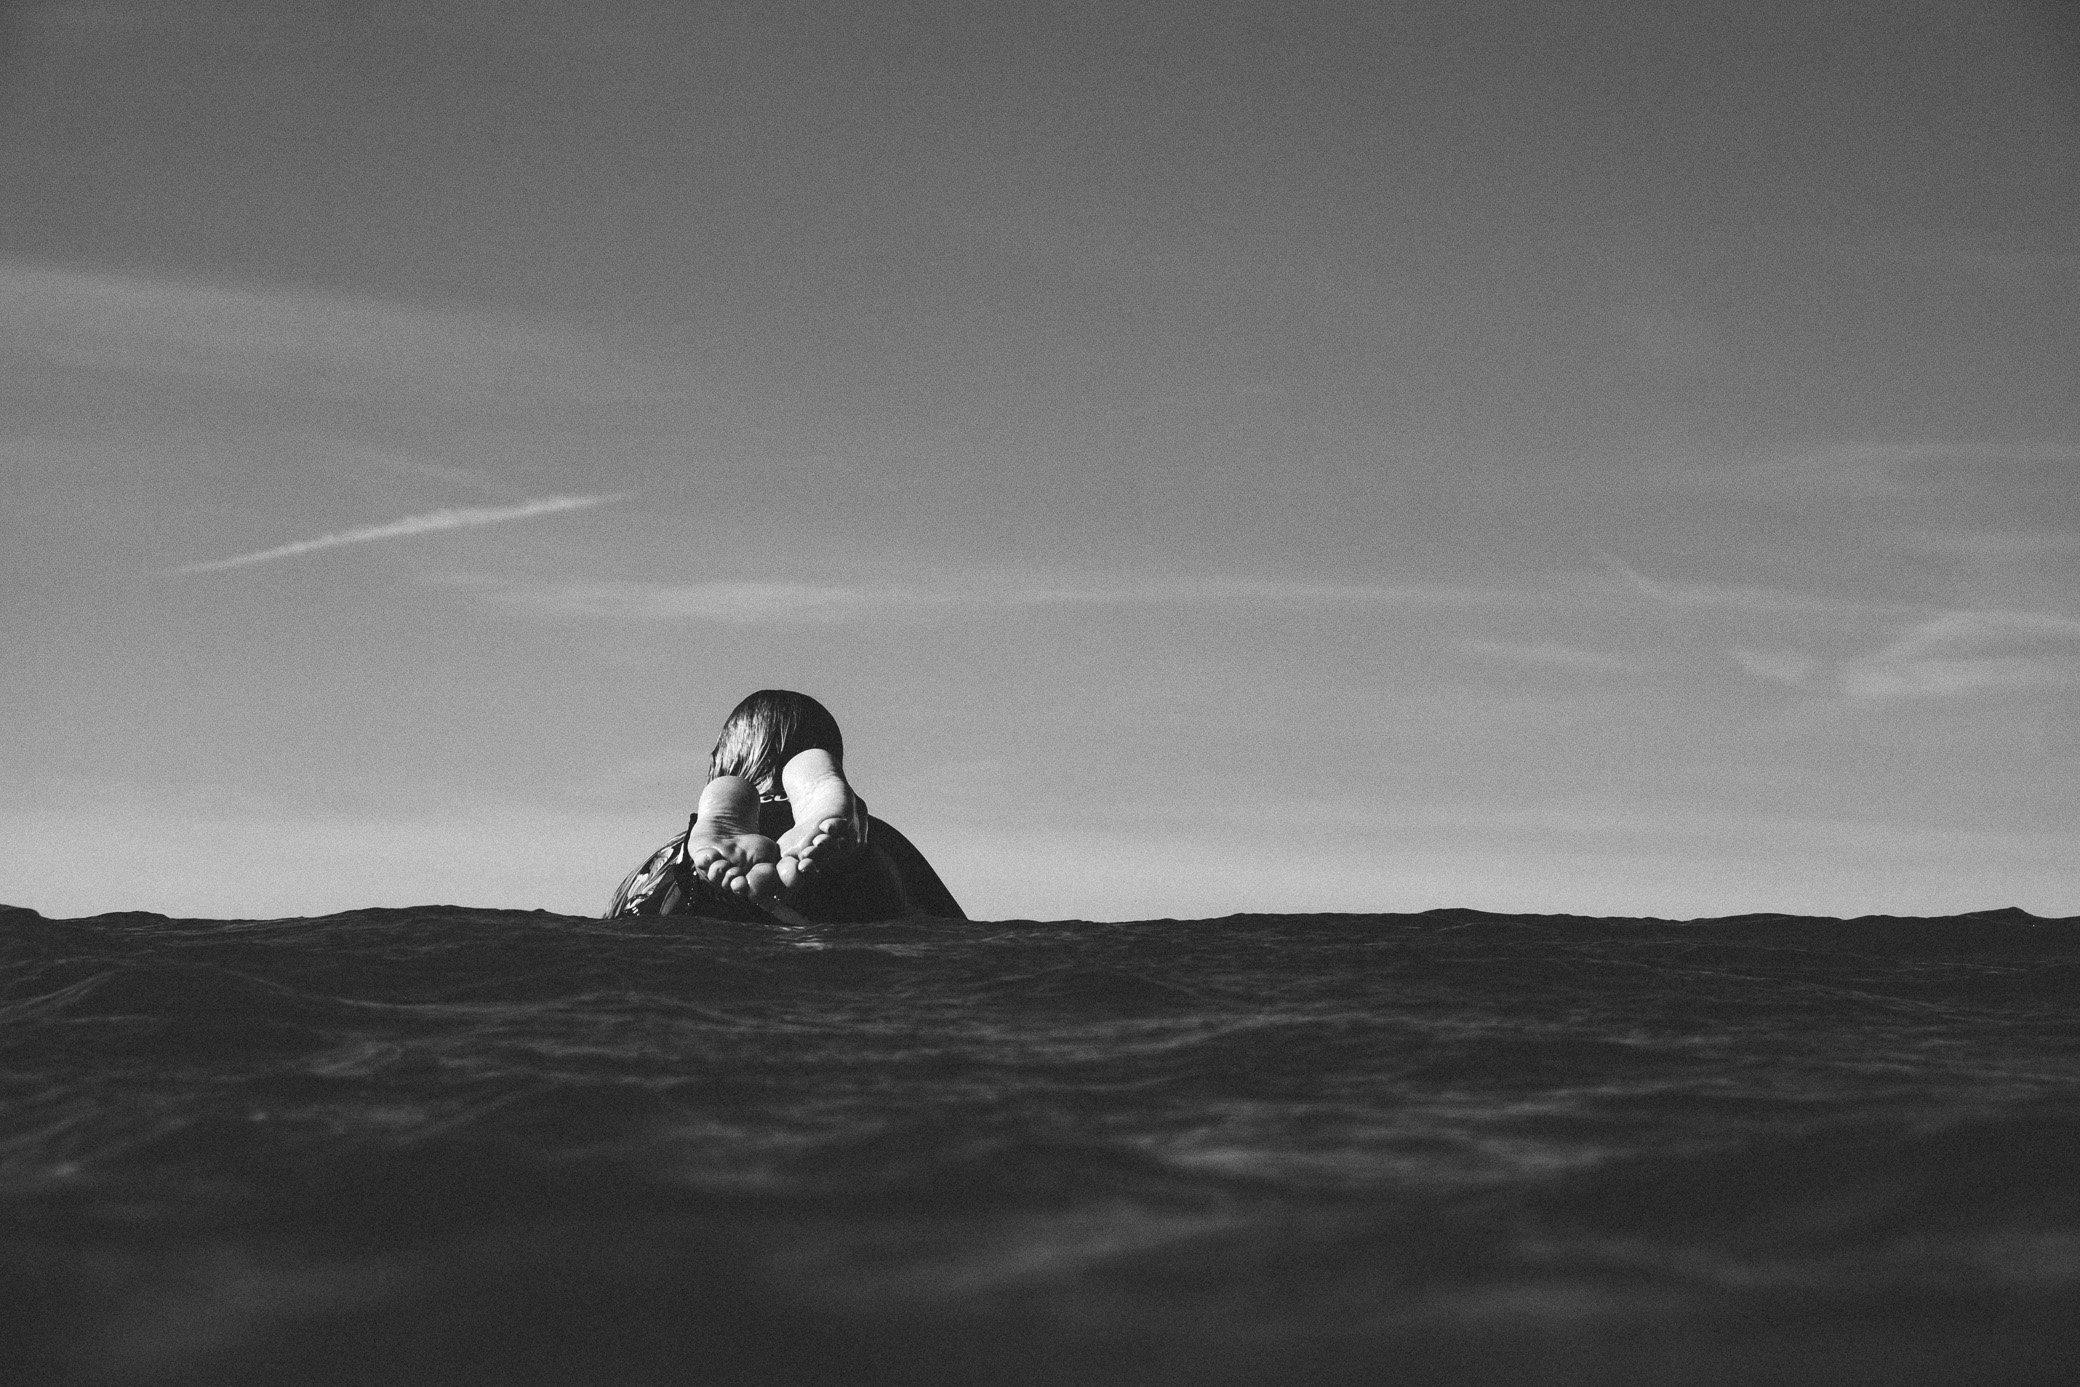 Floating in between